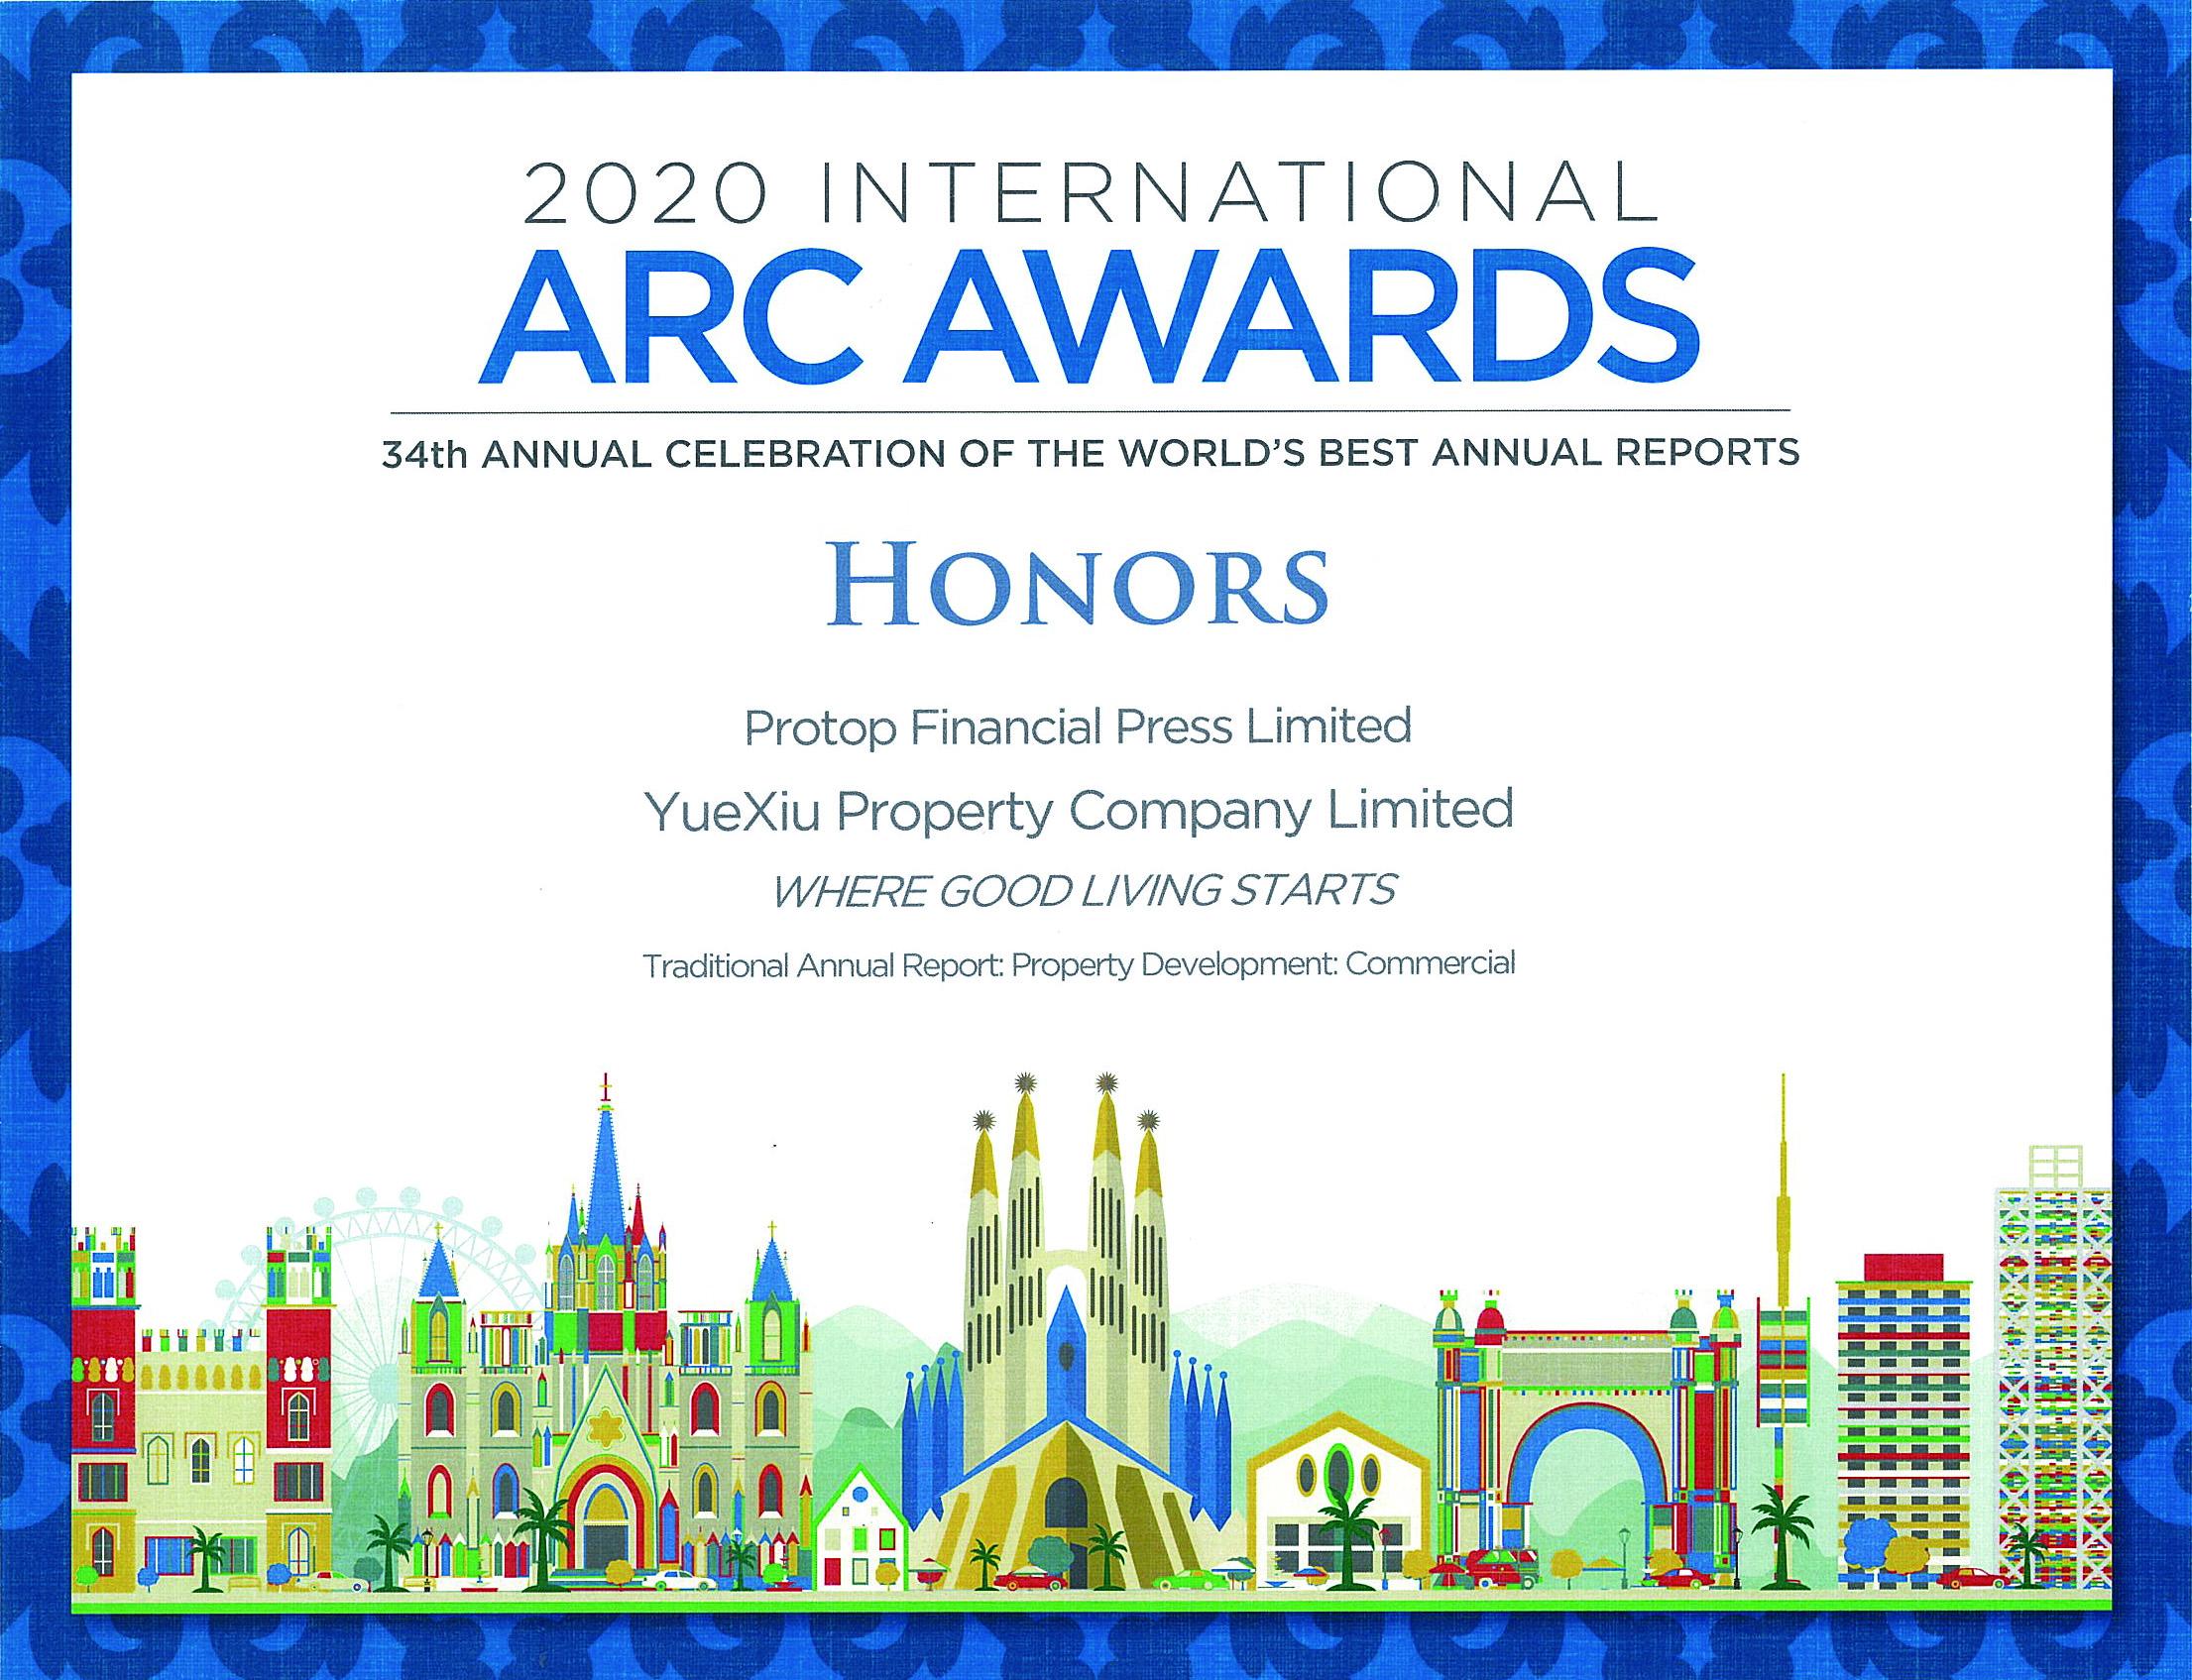 越秀地产股份有限公司 2020 Honors Award Commercial